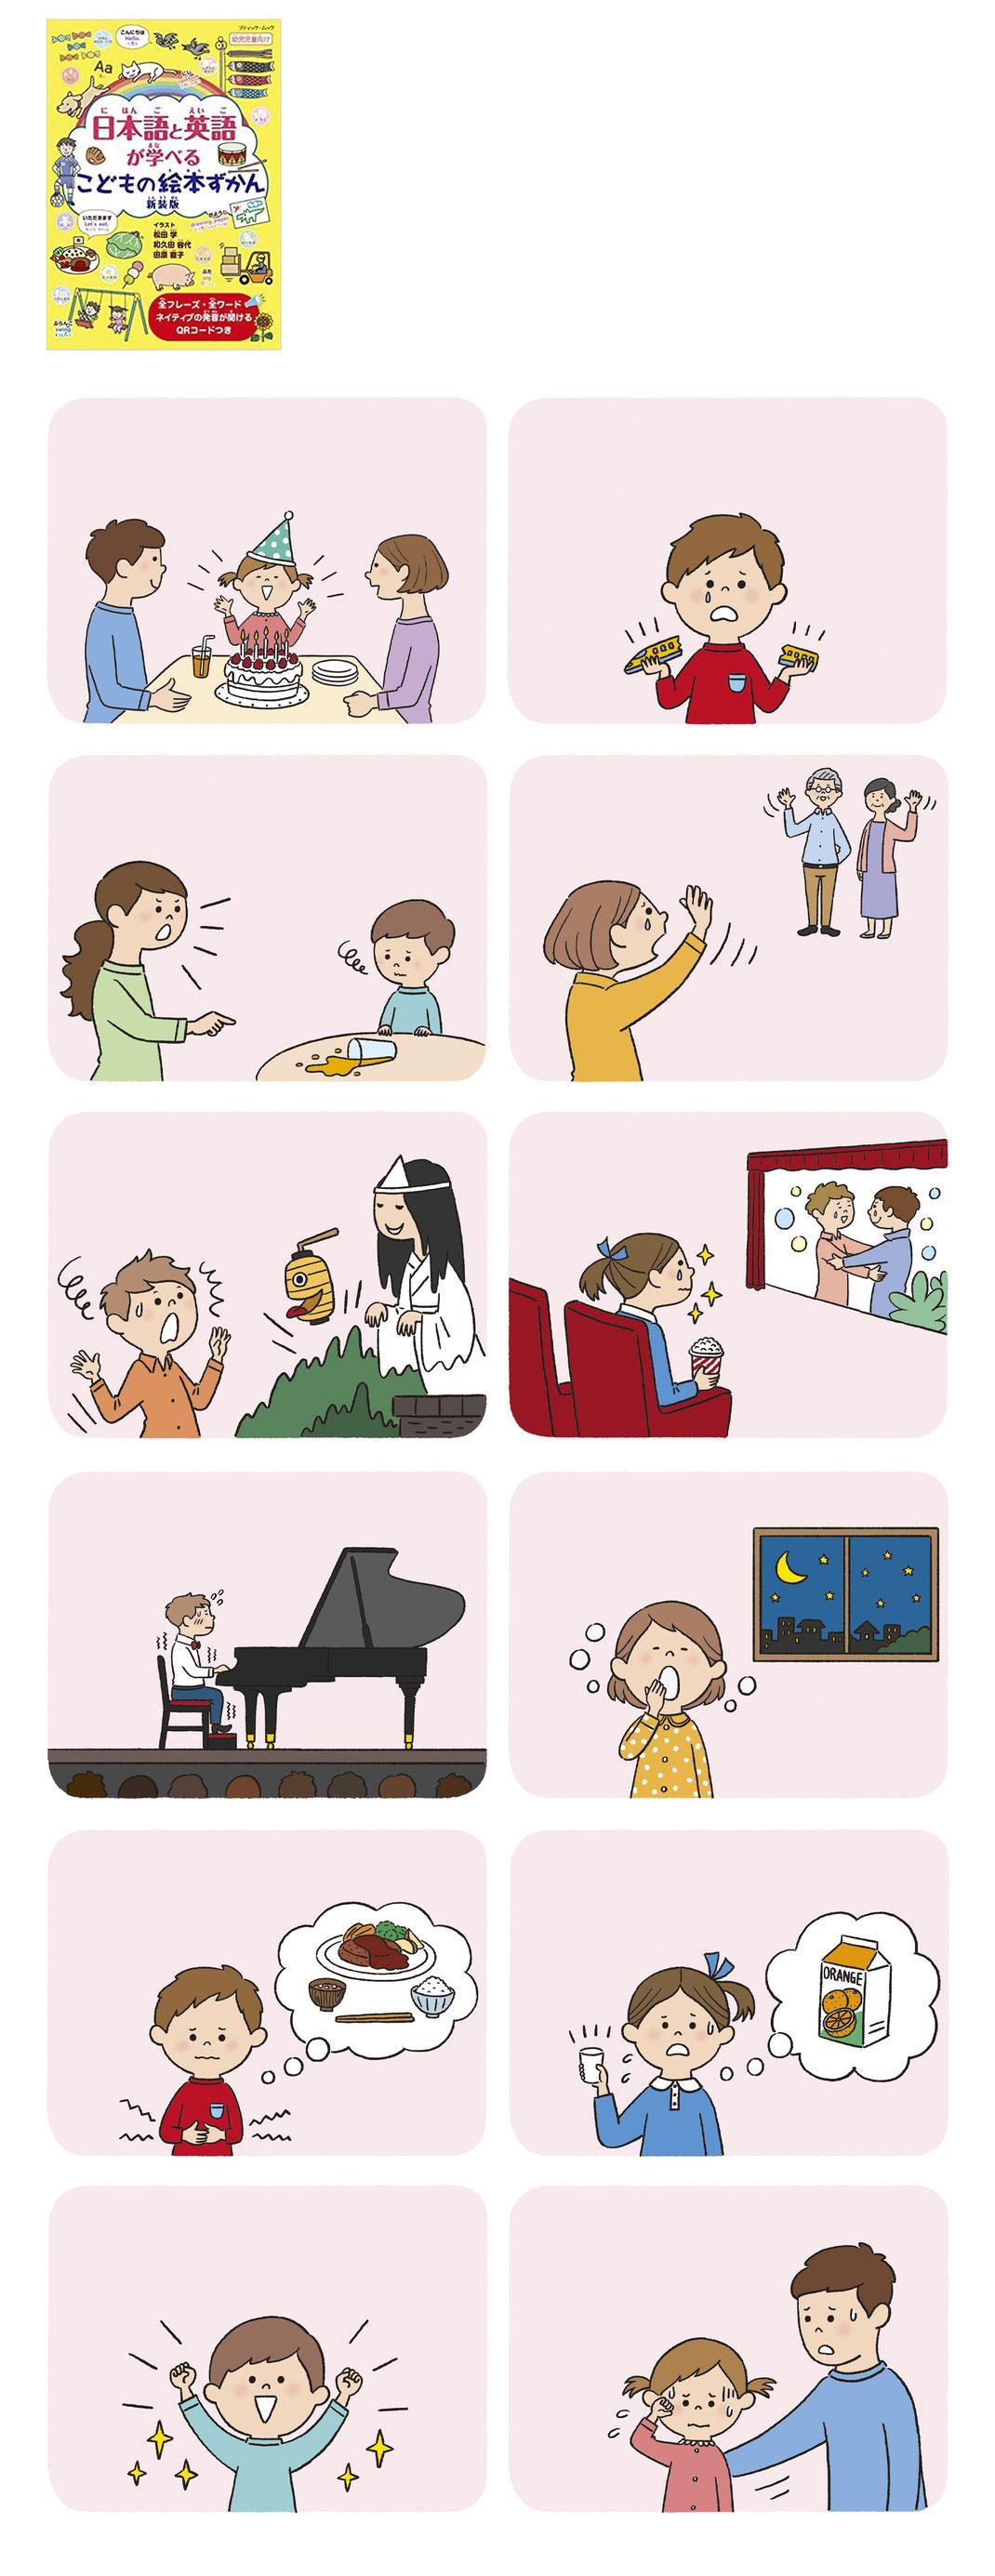 子どもの感情英語表現イラスト